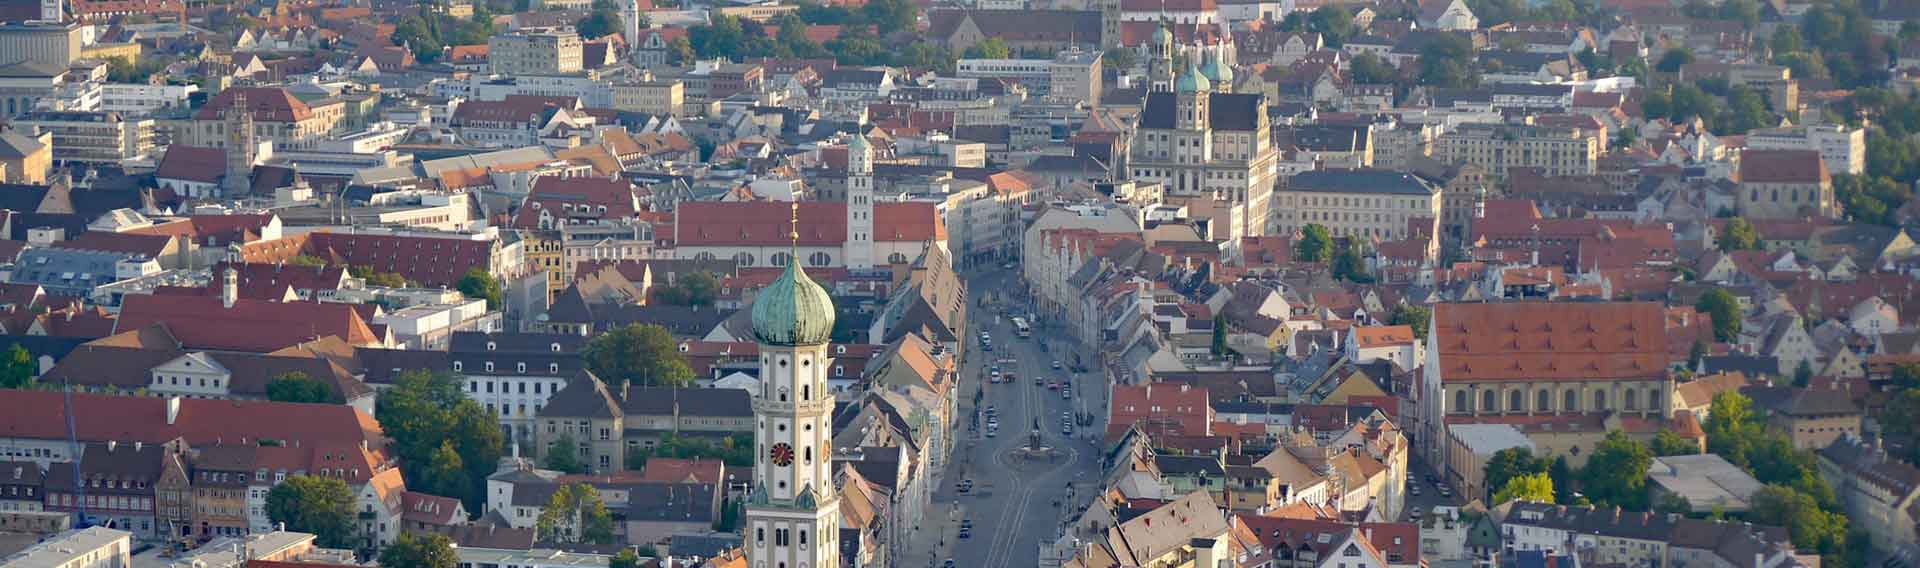 Günstige Homepage für Augsburg erstellen lassen